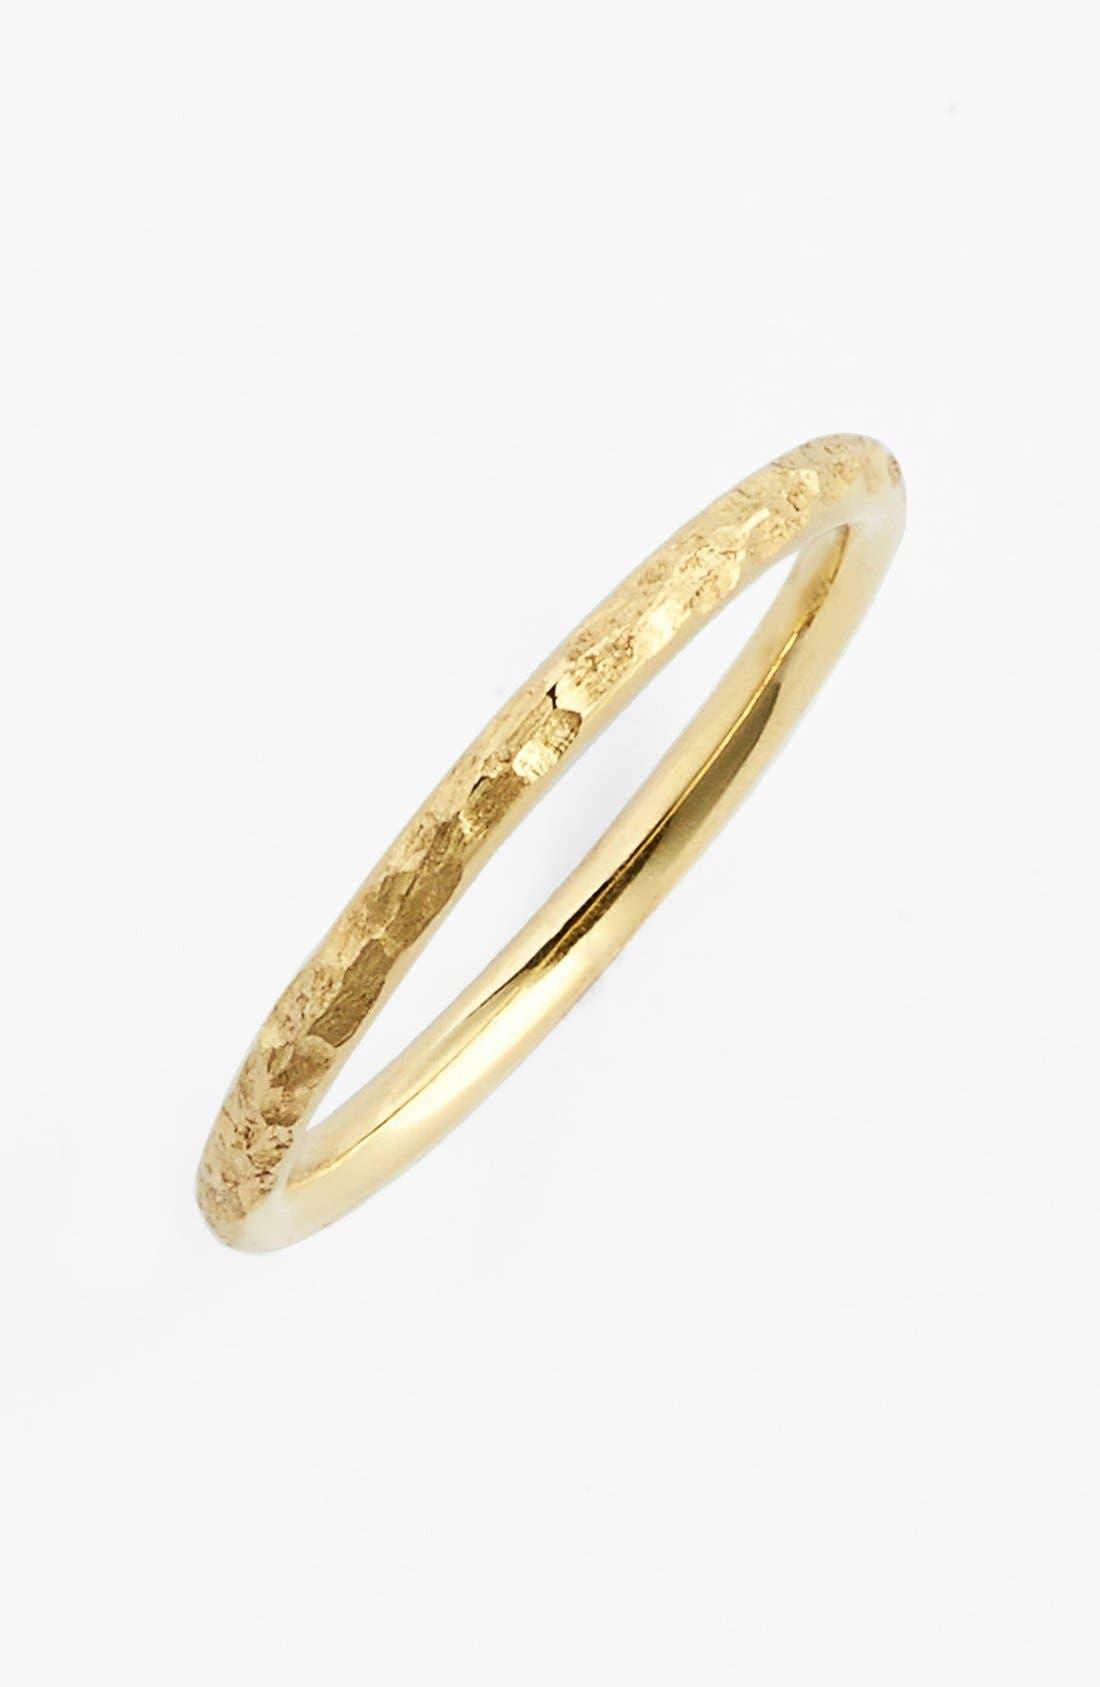 Hammered 14k Gold Midi Ring,                             Main thumbnail 1, color,                             711